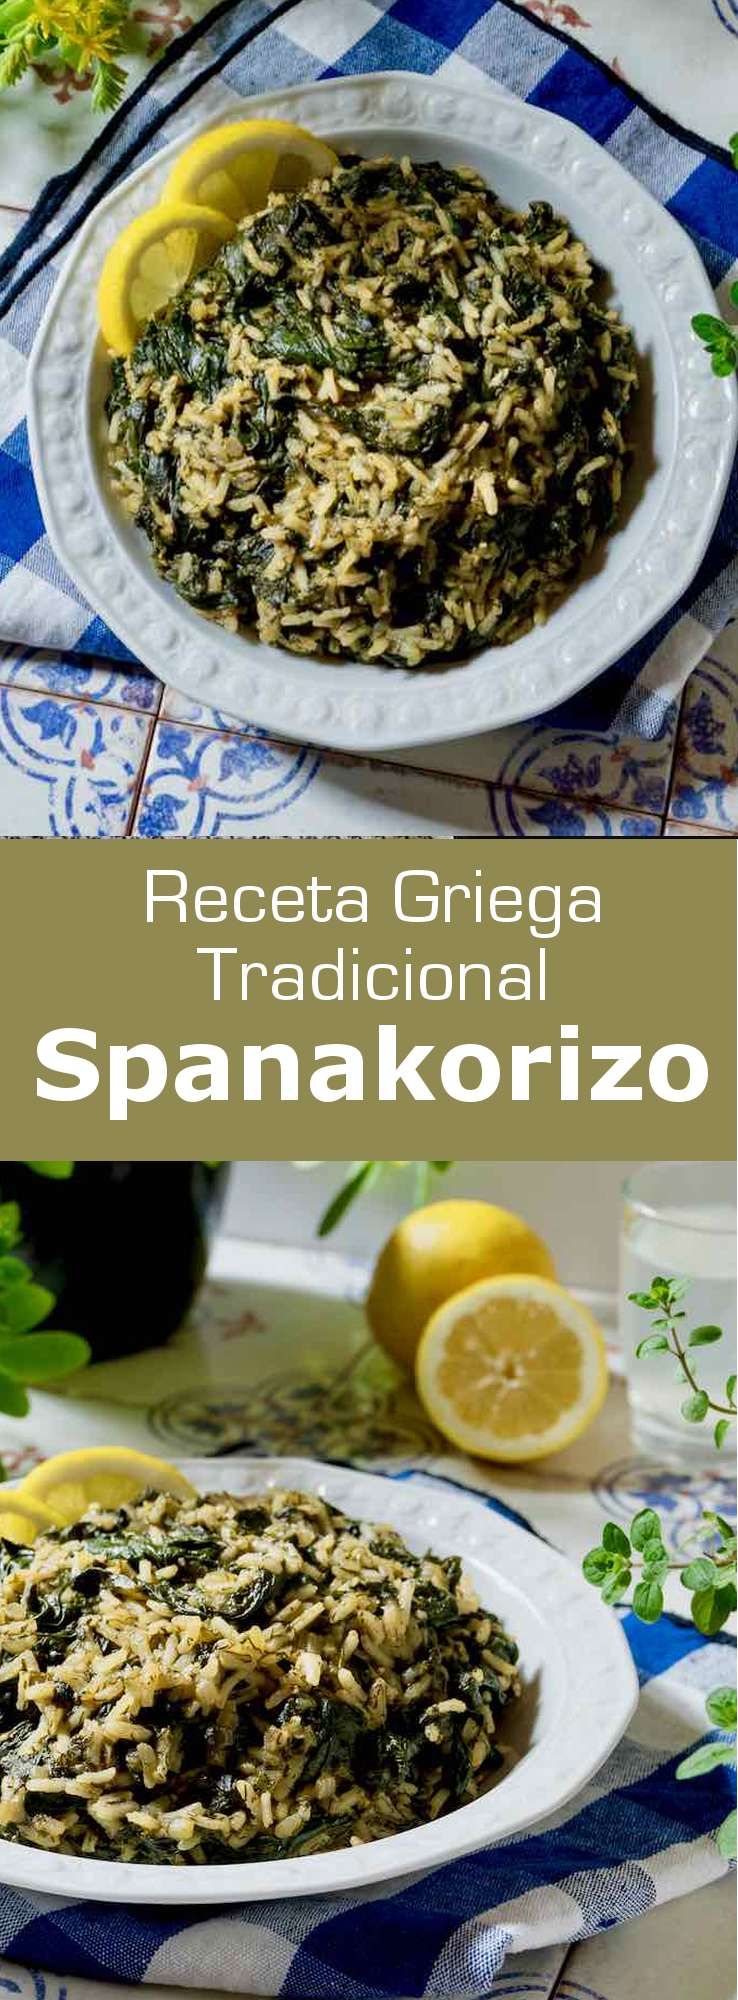 El spanakorizo (σπανακόρυζο) es un plato vegetariano griego popular que se prepara con espinacas y arroz. Es la versión griega del arroz pilaf.